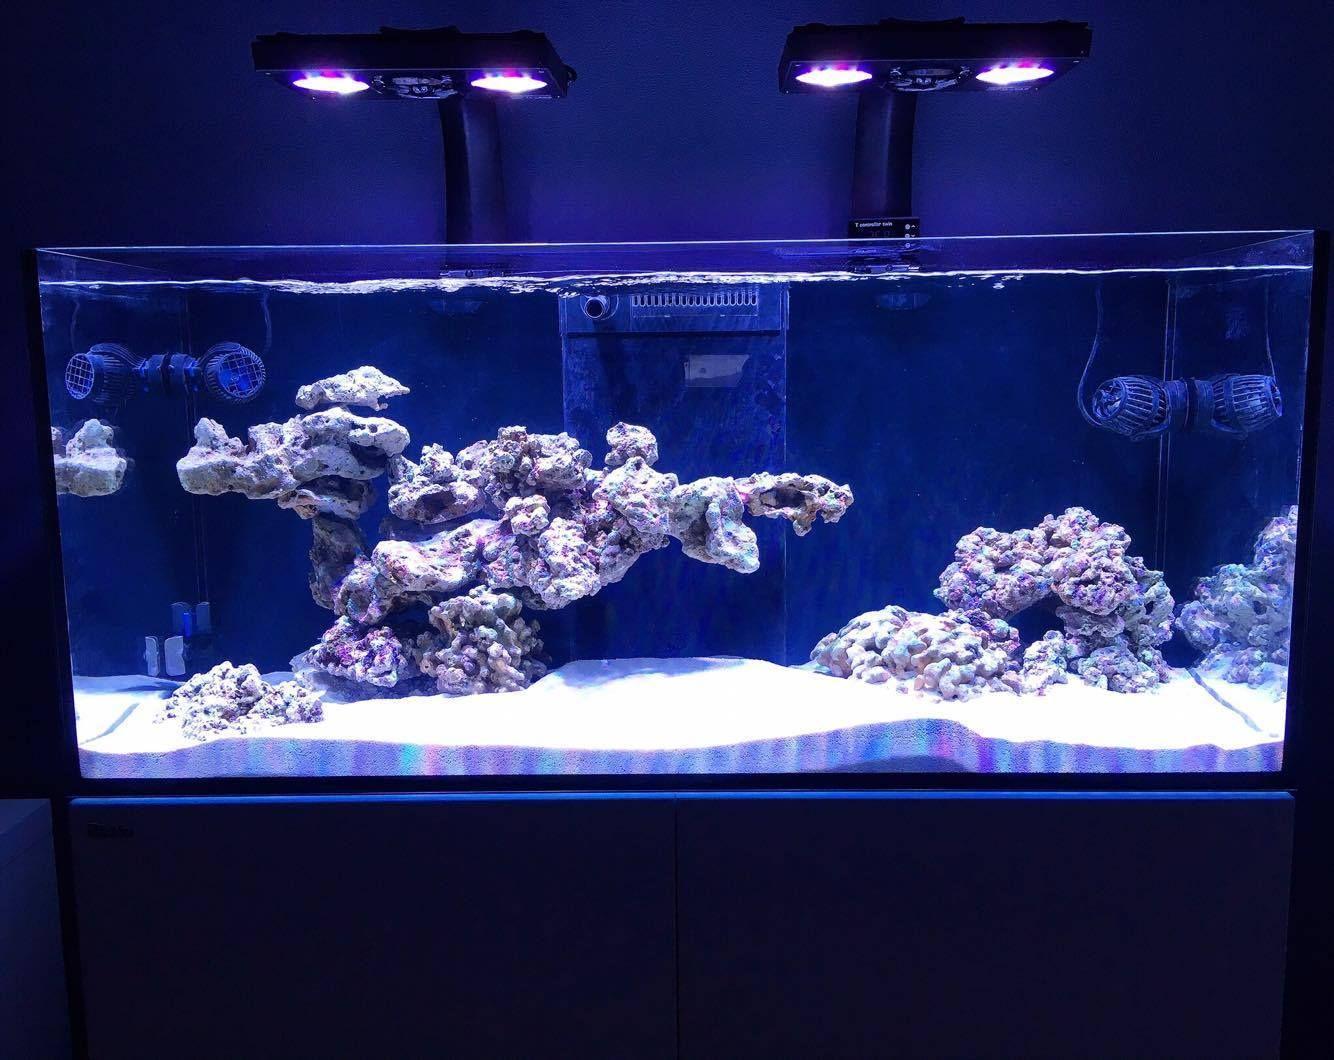 Awesome Rock Work Saltwater Aquarium Fish Saltwater Fish Tanks Aquarium Fish Tank